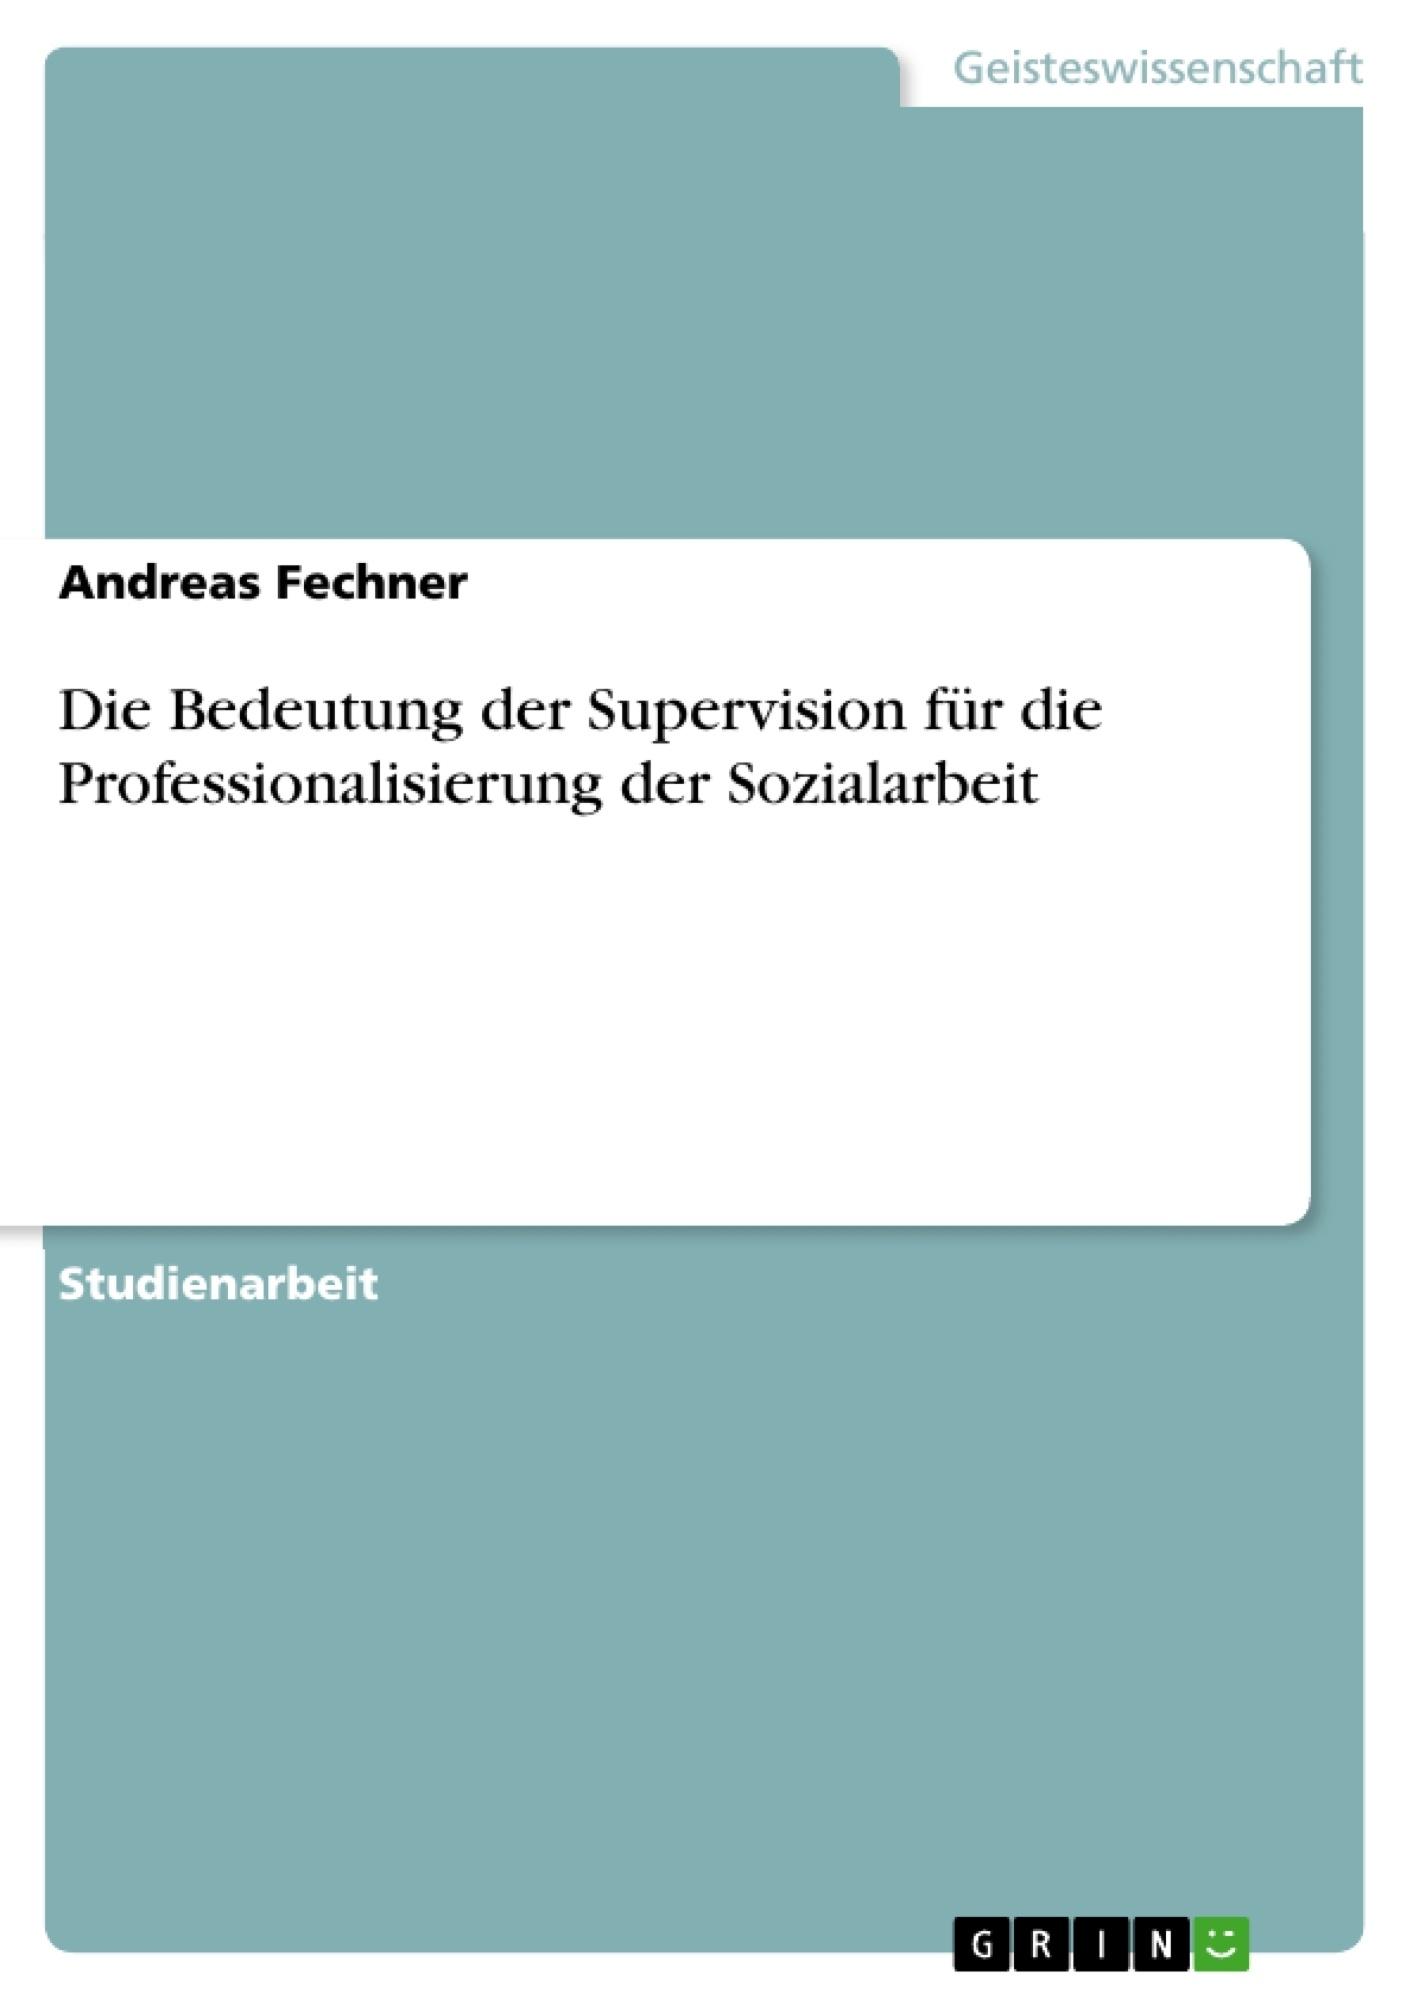 Titel: Die Bedeutung der Supervision für die Professionalisierung der Sozialarbeit